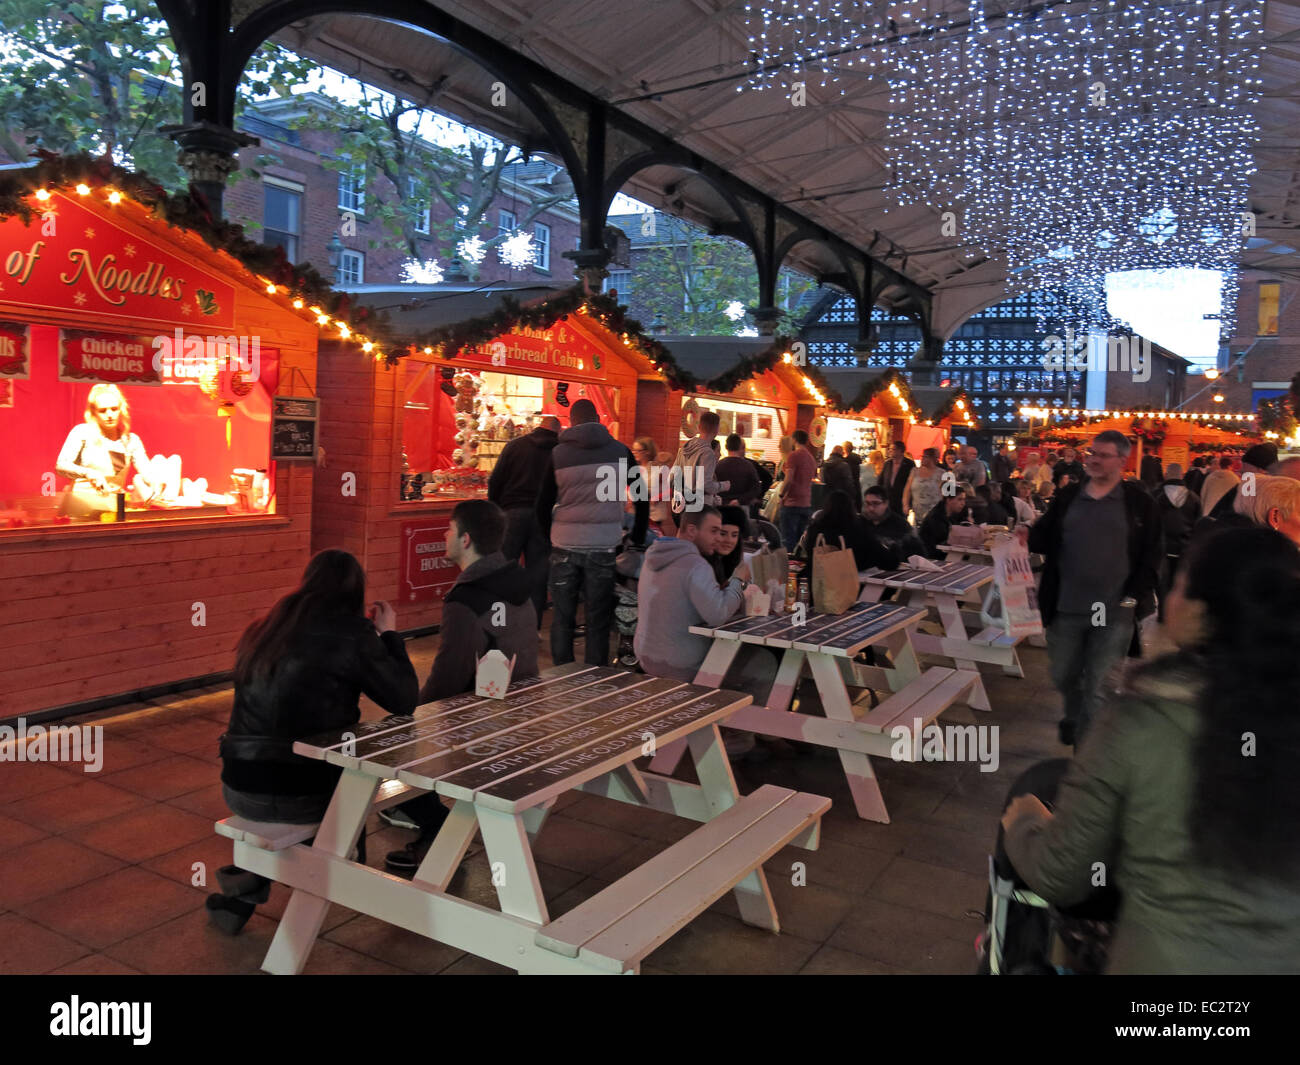 Laden Sie dieses Alamy Stockfoto Warrington Winter deutschen Weihnachtsmarkt in Stadtzentrum, Cheshire, England, Großbritannien - EC2T2Y